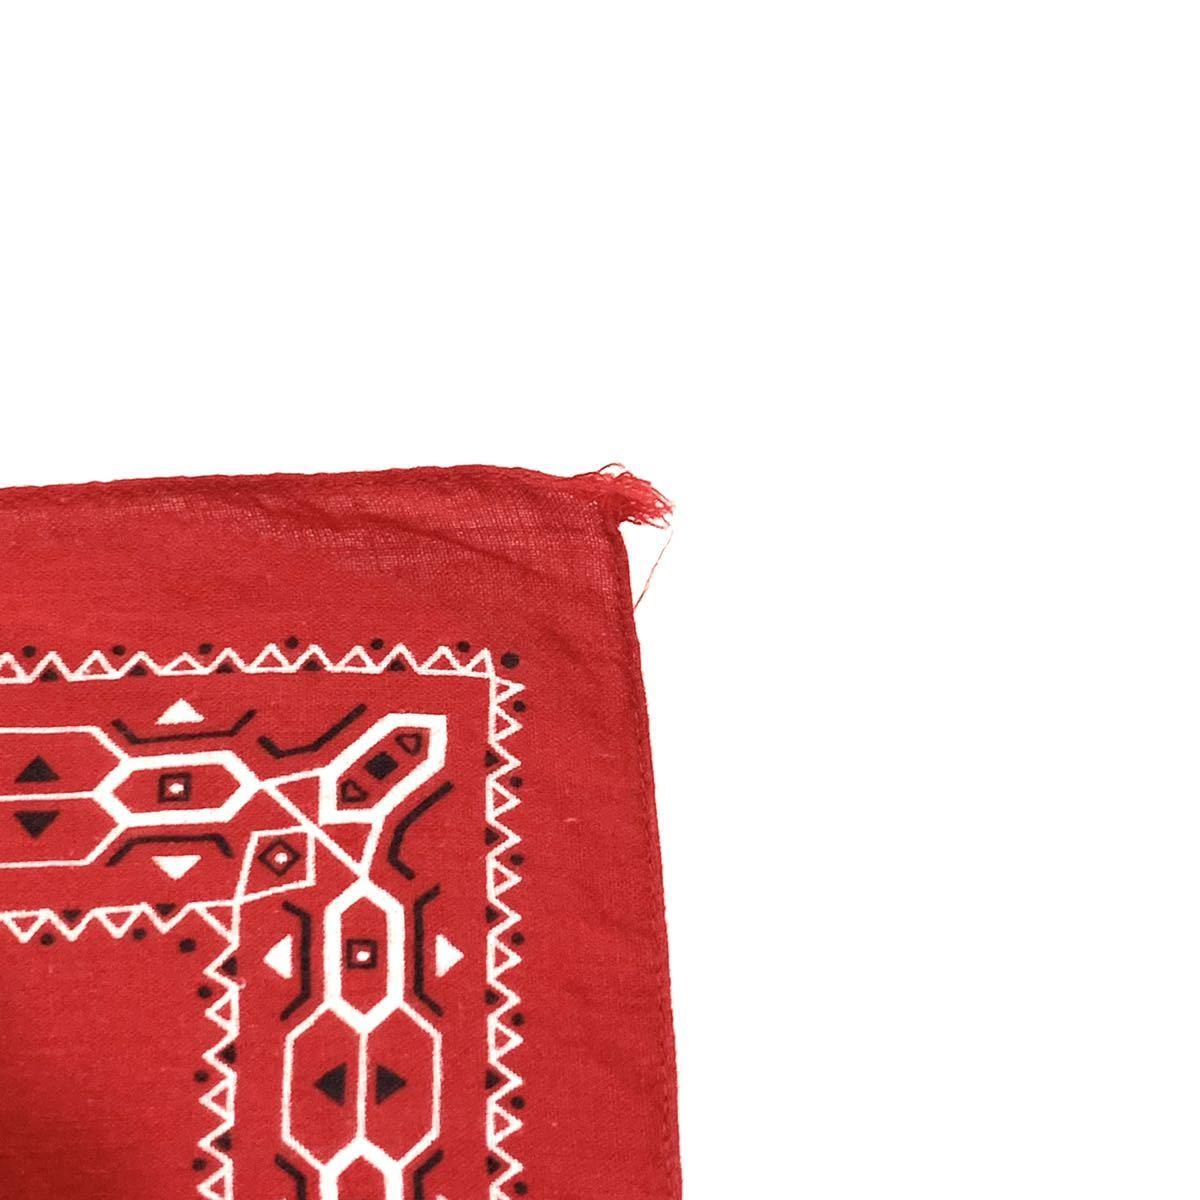 ■60s 60年代 FAST COLOR エレファントブランド 上鼻 幾何学模様 耳付き ビンテージ バンダナ 雑貨 小物 リメイク生地 ファブリック A■_画像4